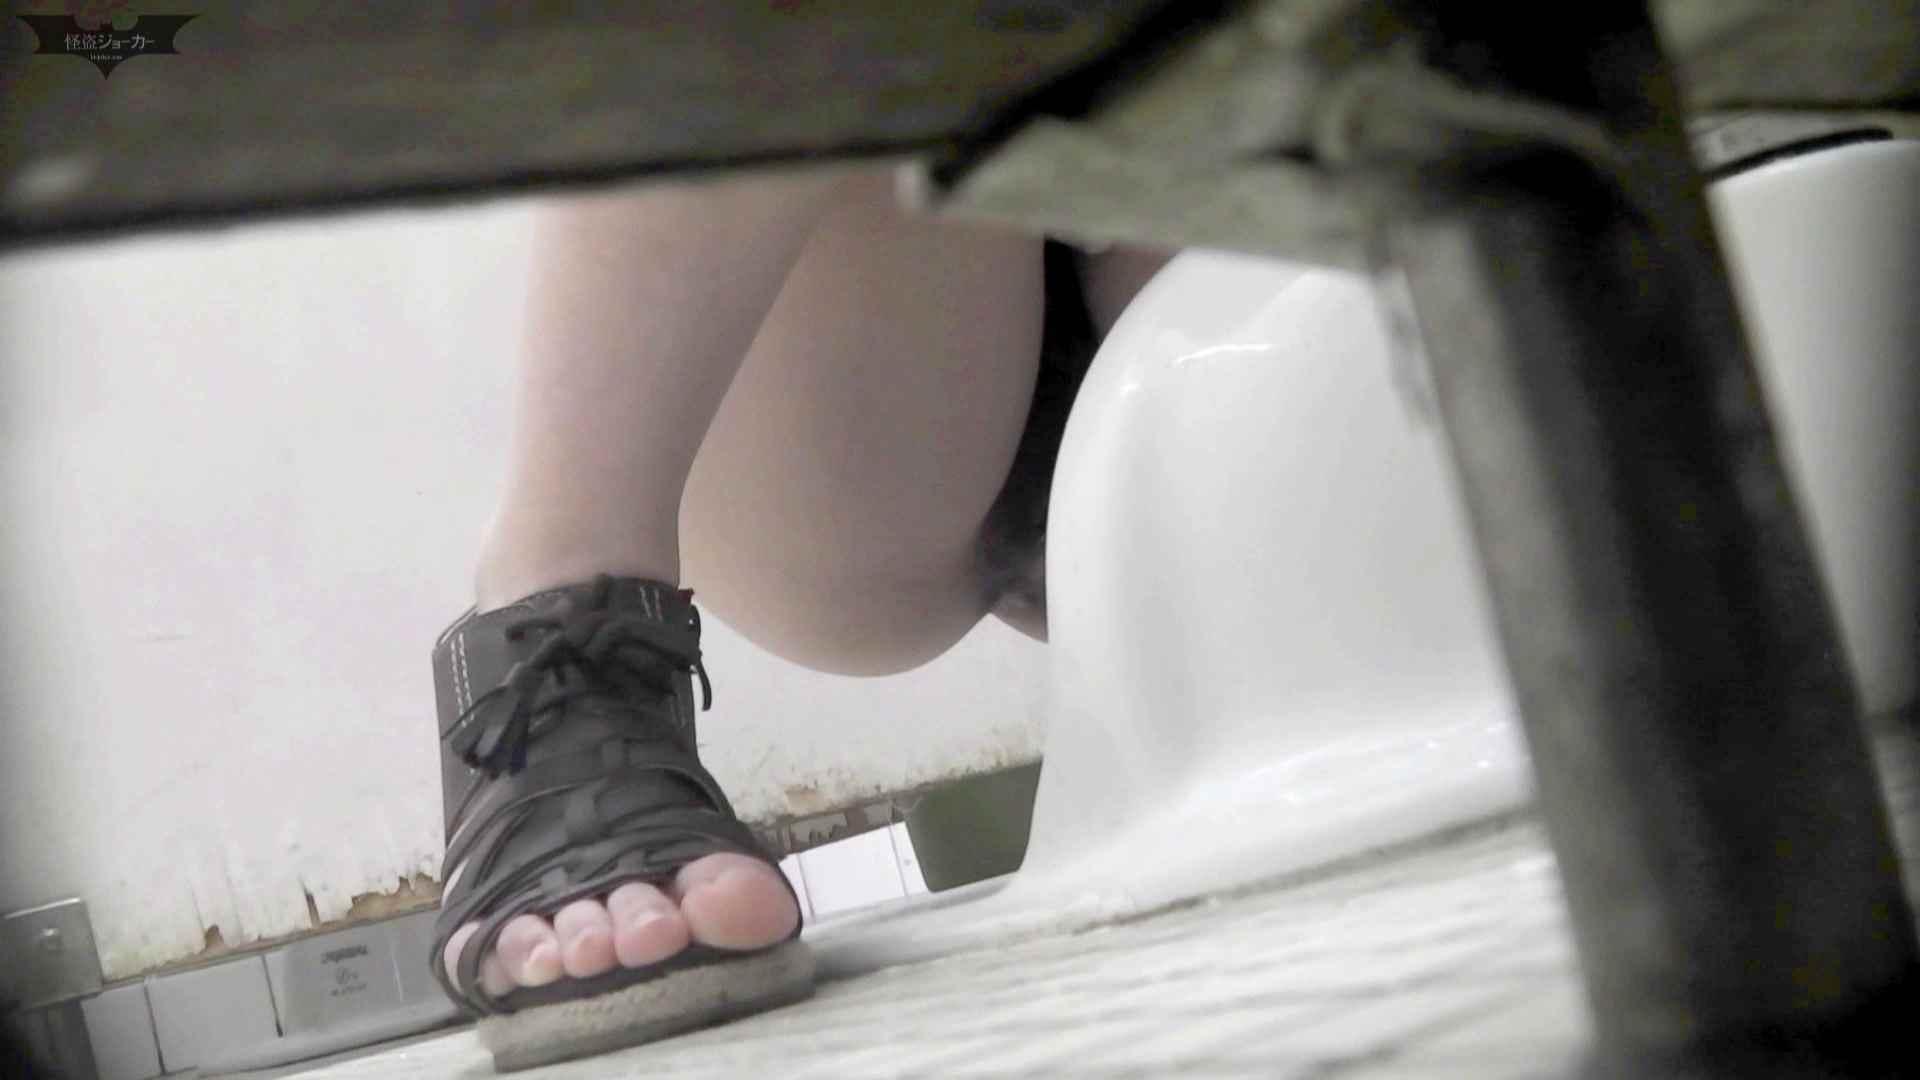 【潜入トイレ盗撮】洗面所特攻隊 vol.70 極上品の連続、歌いながら美女入室 盗撮エロすぎ | トイレ中  90連発 37